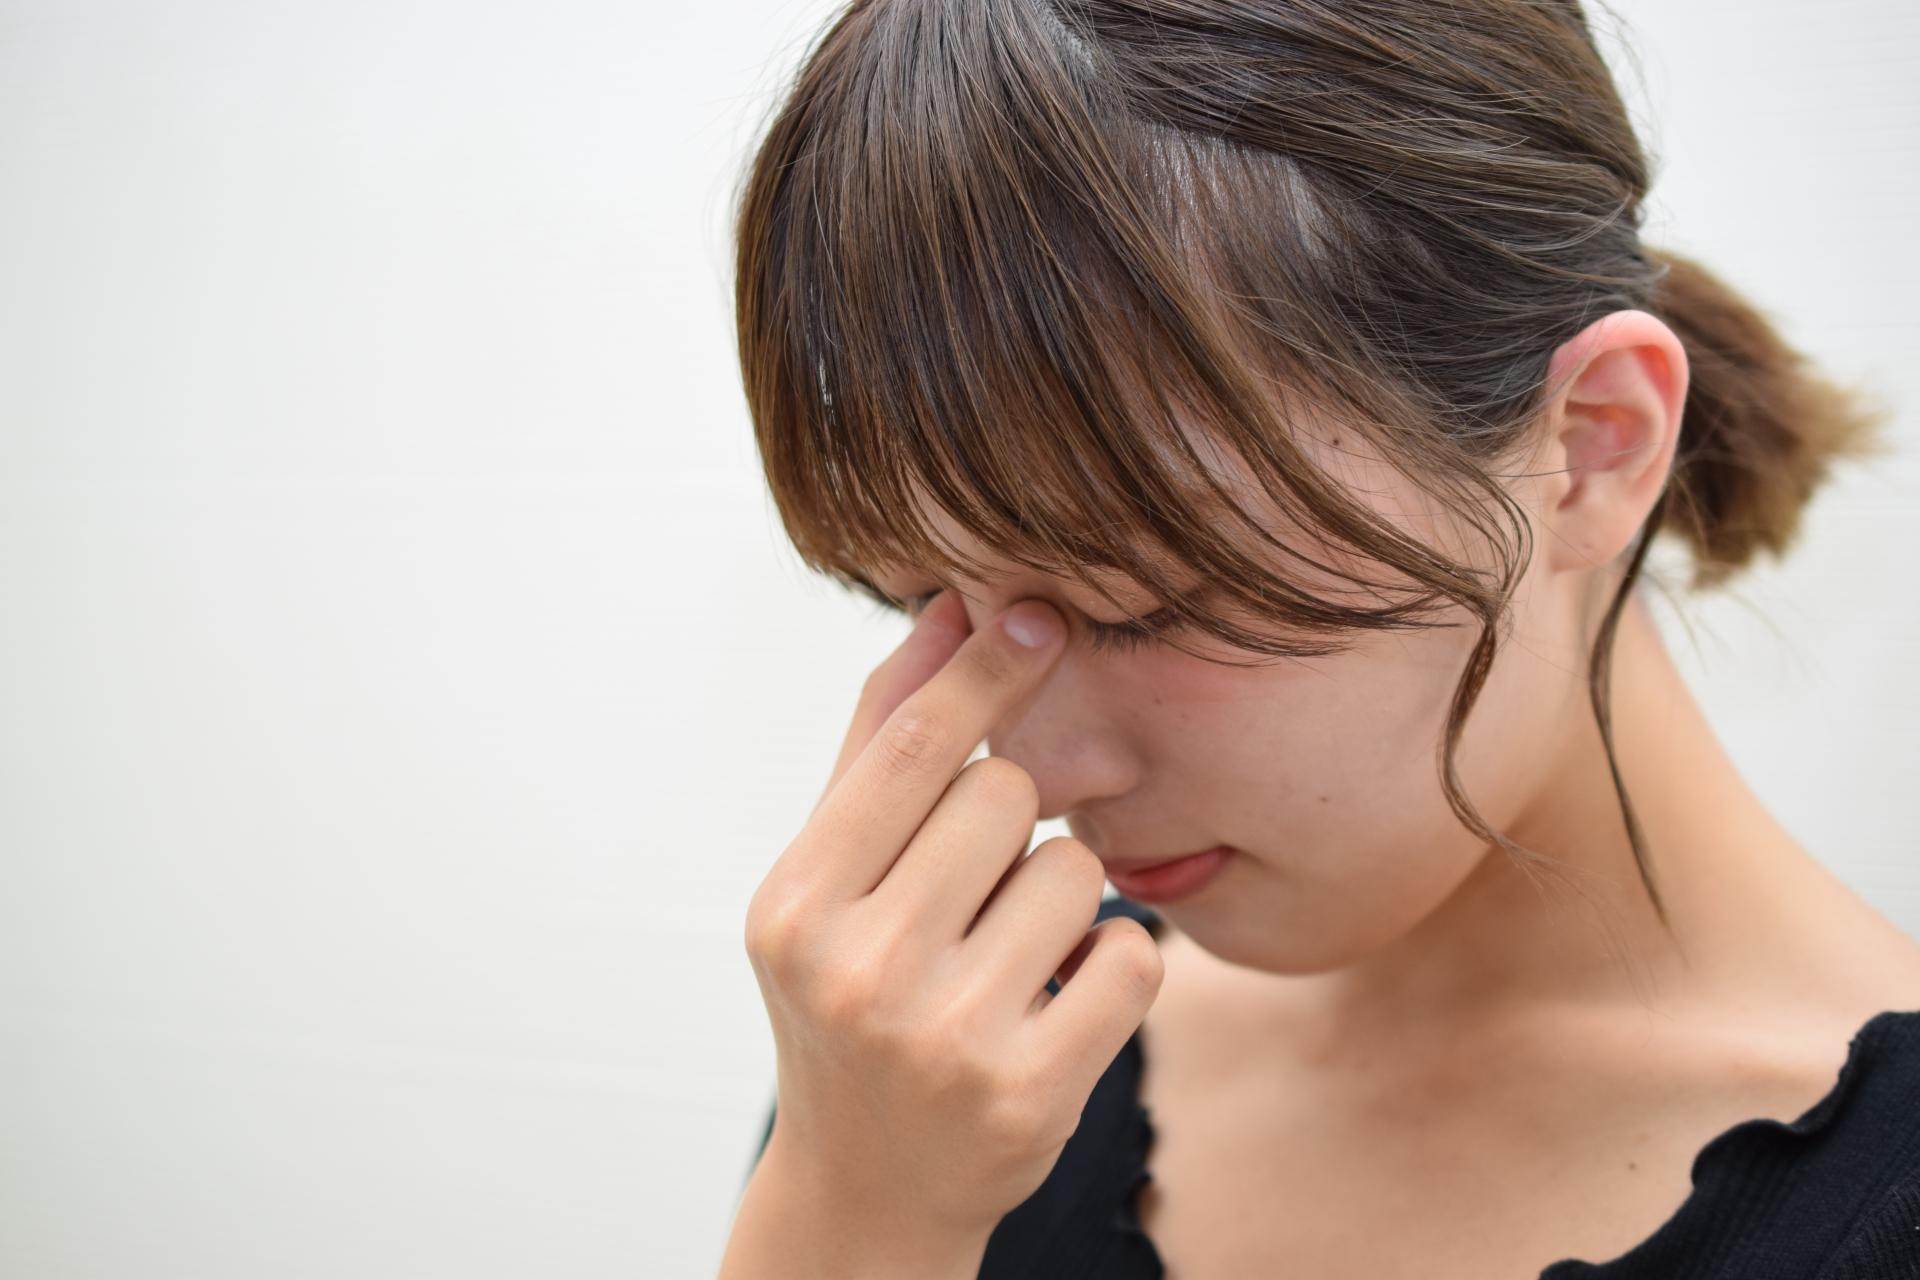 目の疲れの原因と対処法! 目の疲れに効くストレッチもご紹介